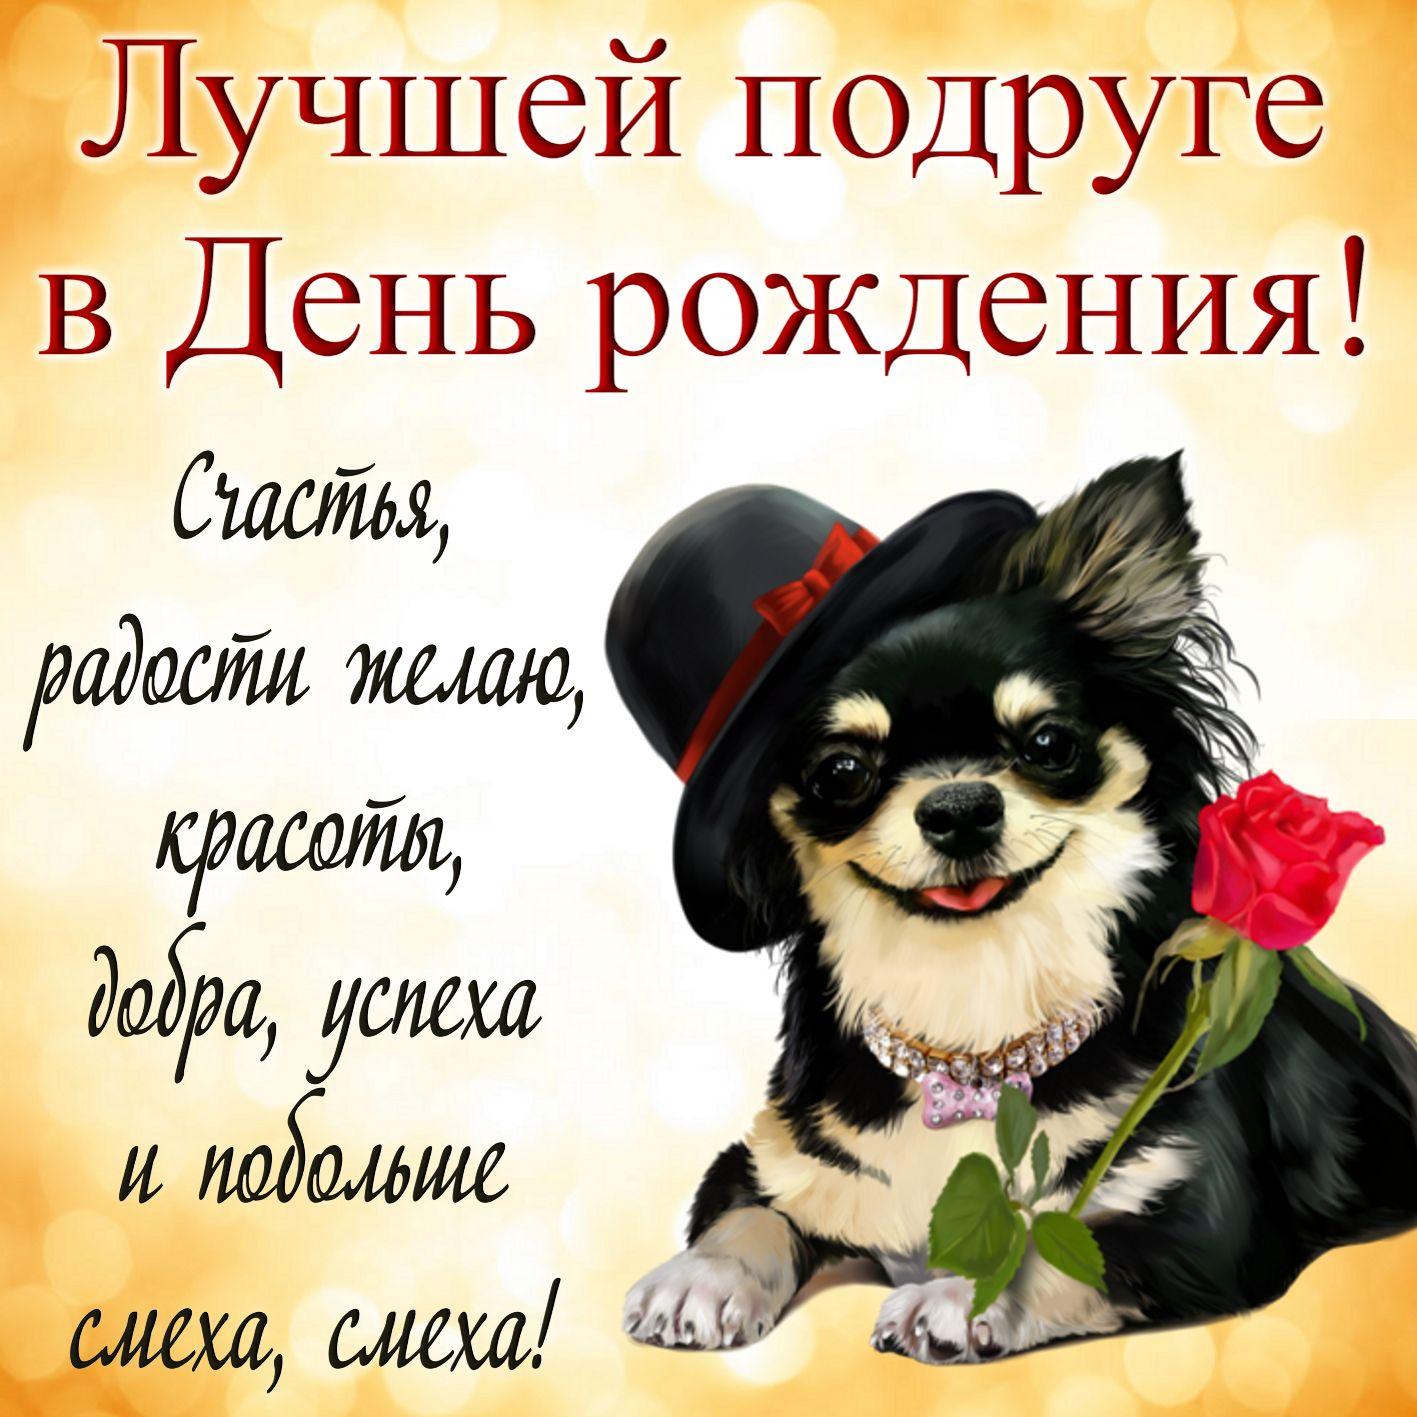 Открытки с Днём рождения подруге - красивая собачка в шляпке с розой